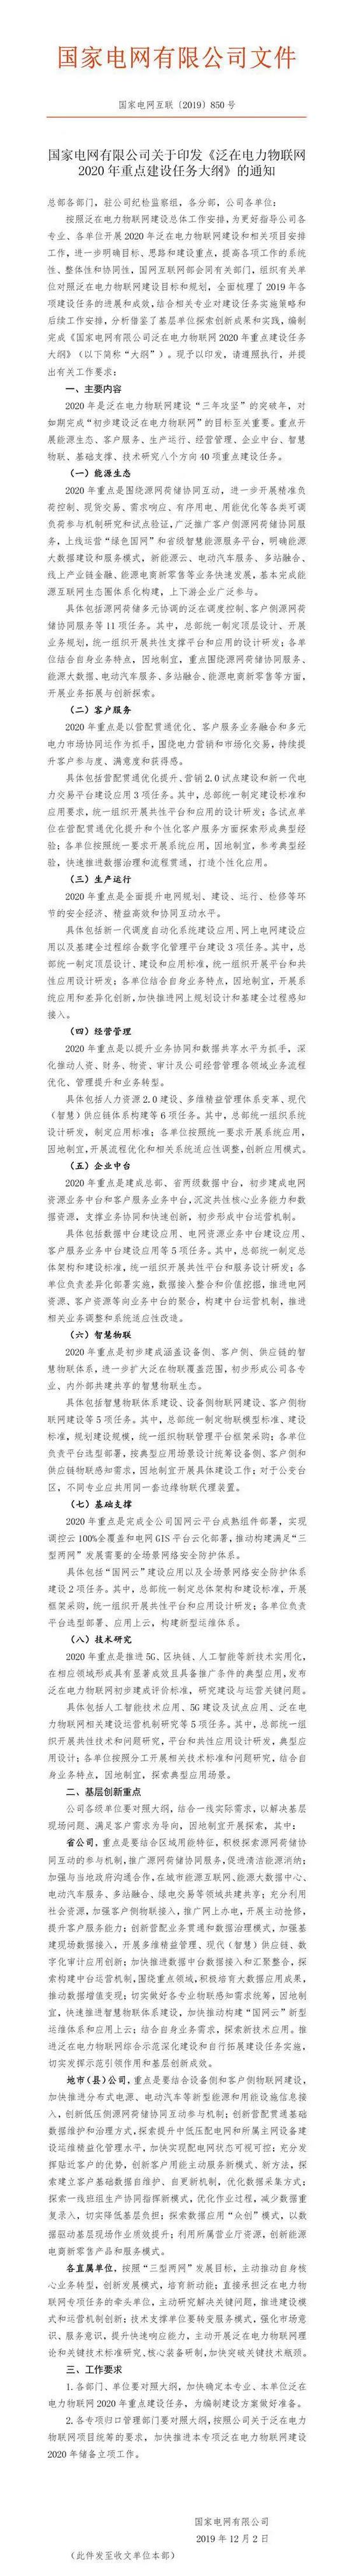 沈阳故宫博物馆25日起闭馆开放时间待定